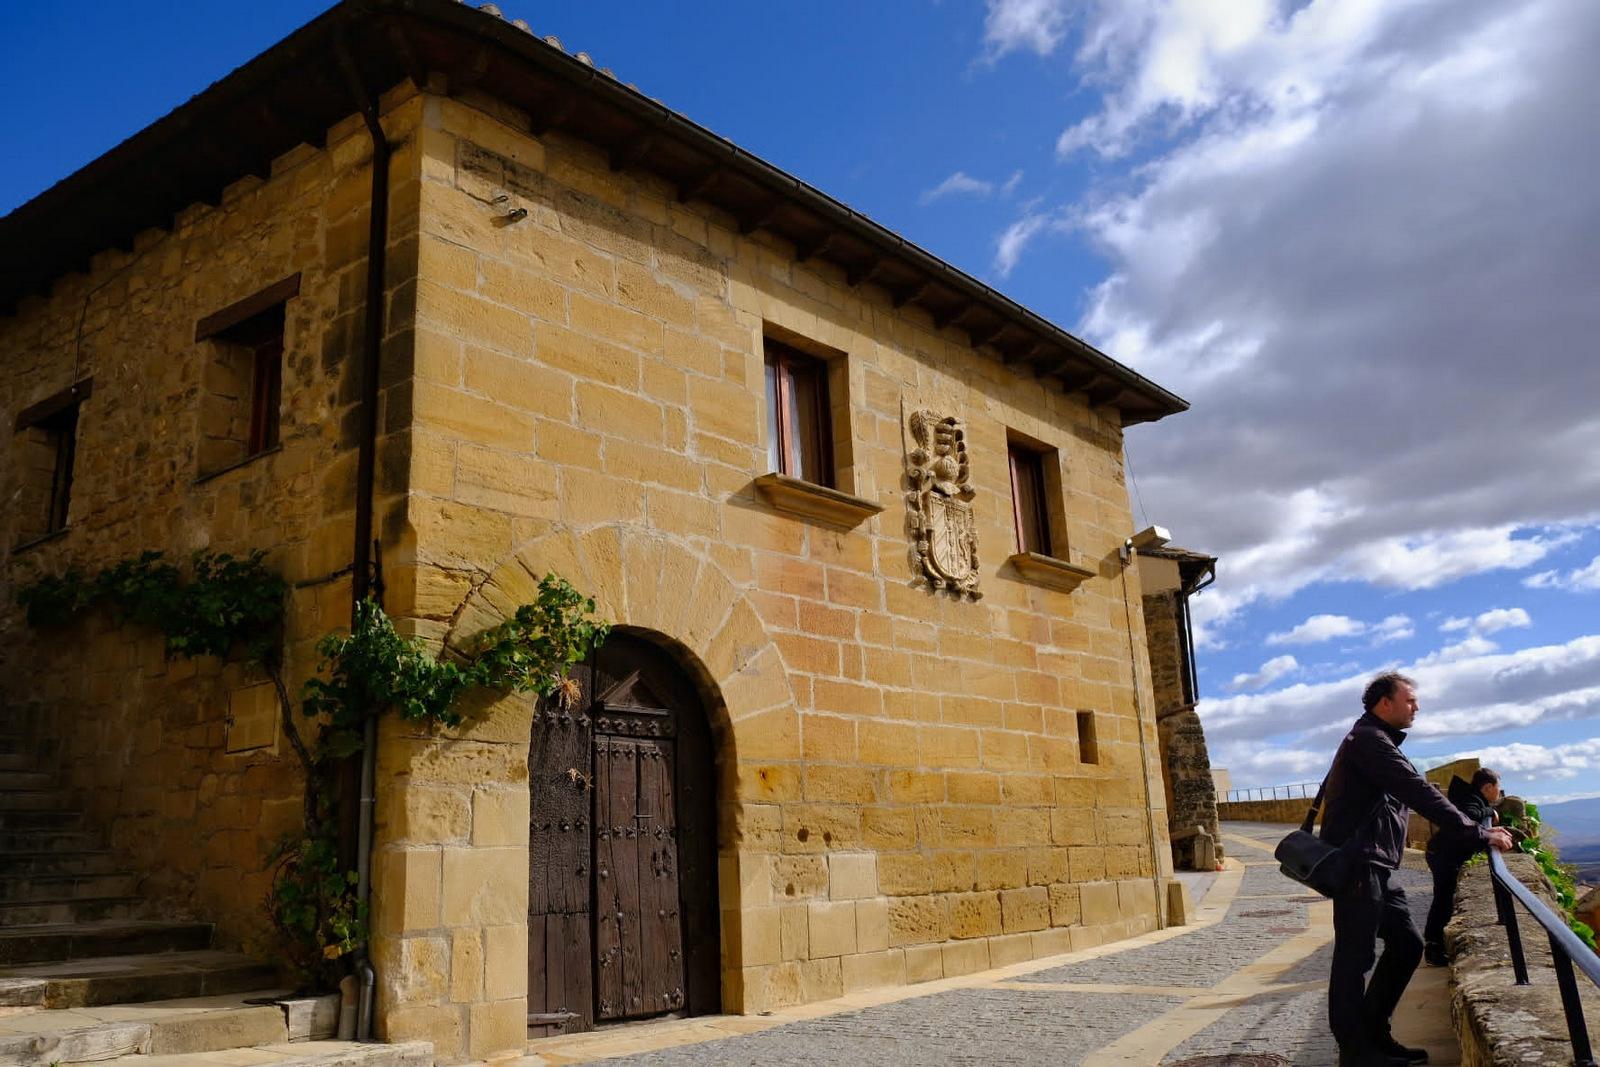 La Mota, Labastida, La Rioja Alavesa